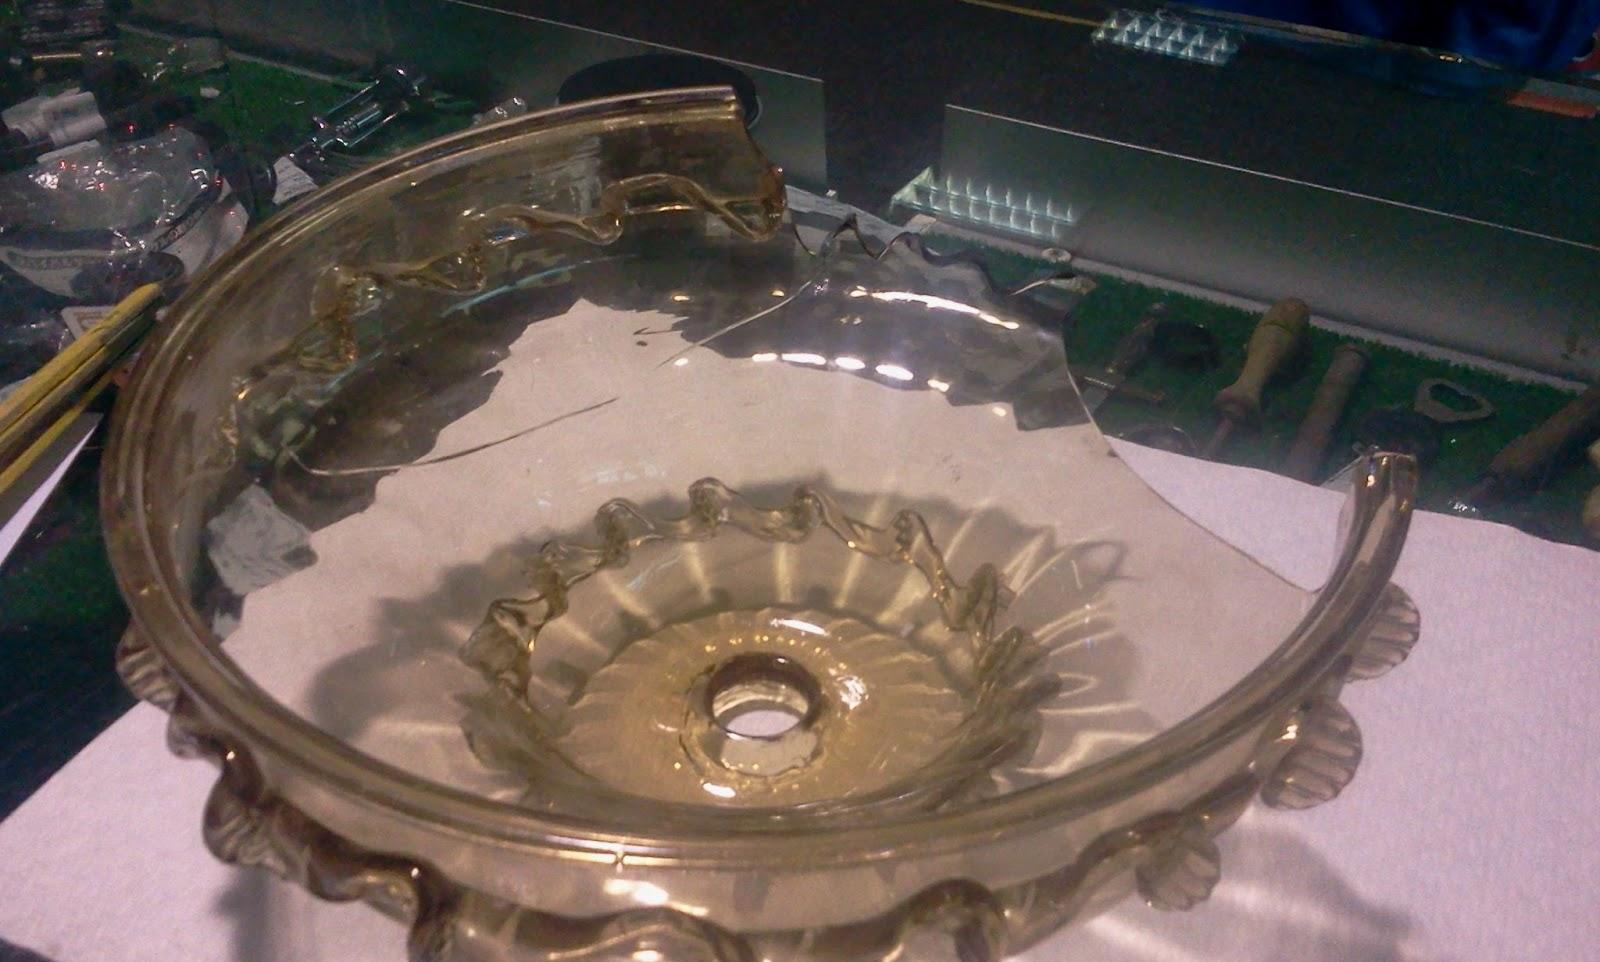 ricambi per lampadari : Ricambi per lampadari in vetro di Murano: Fondino, pezzi di ricambio ...